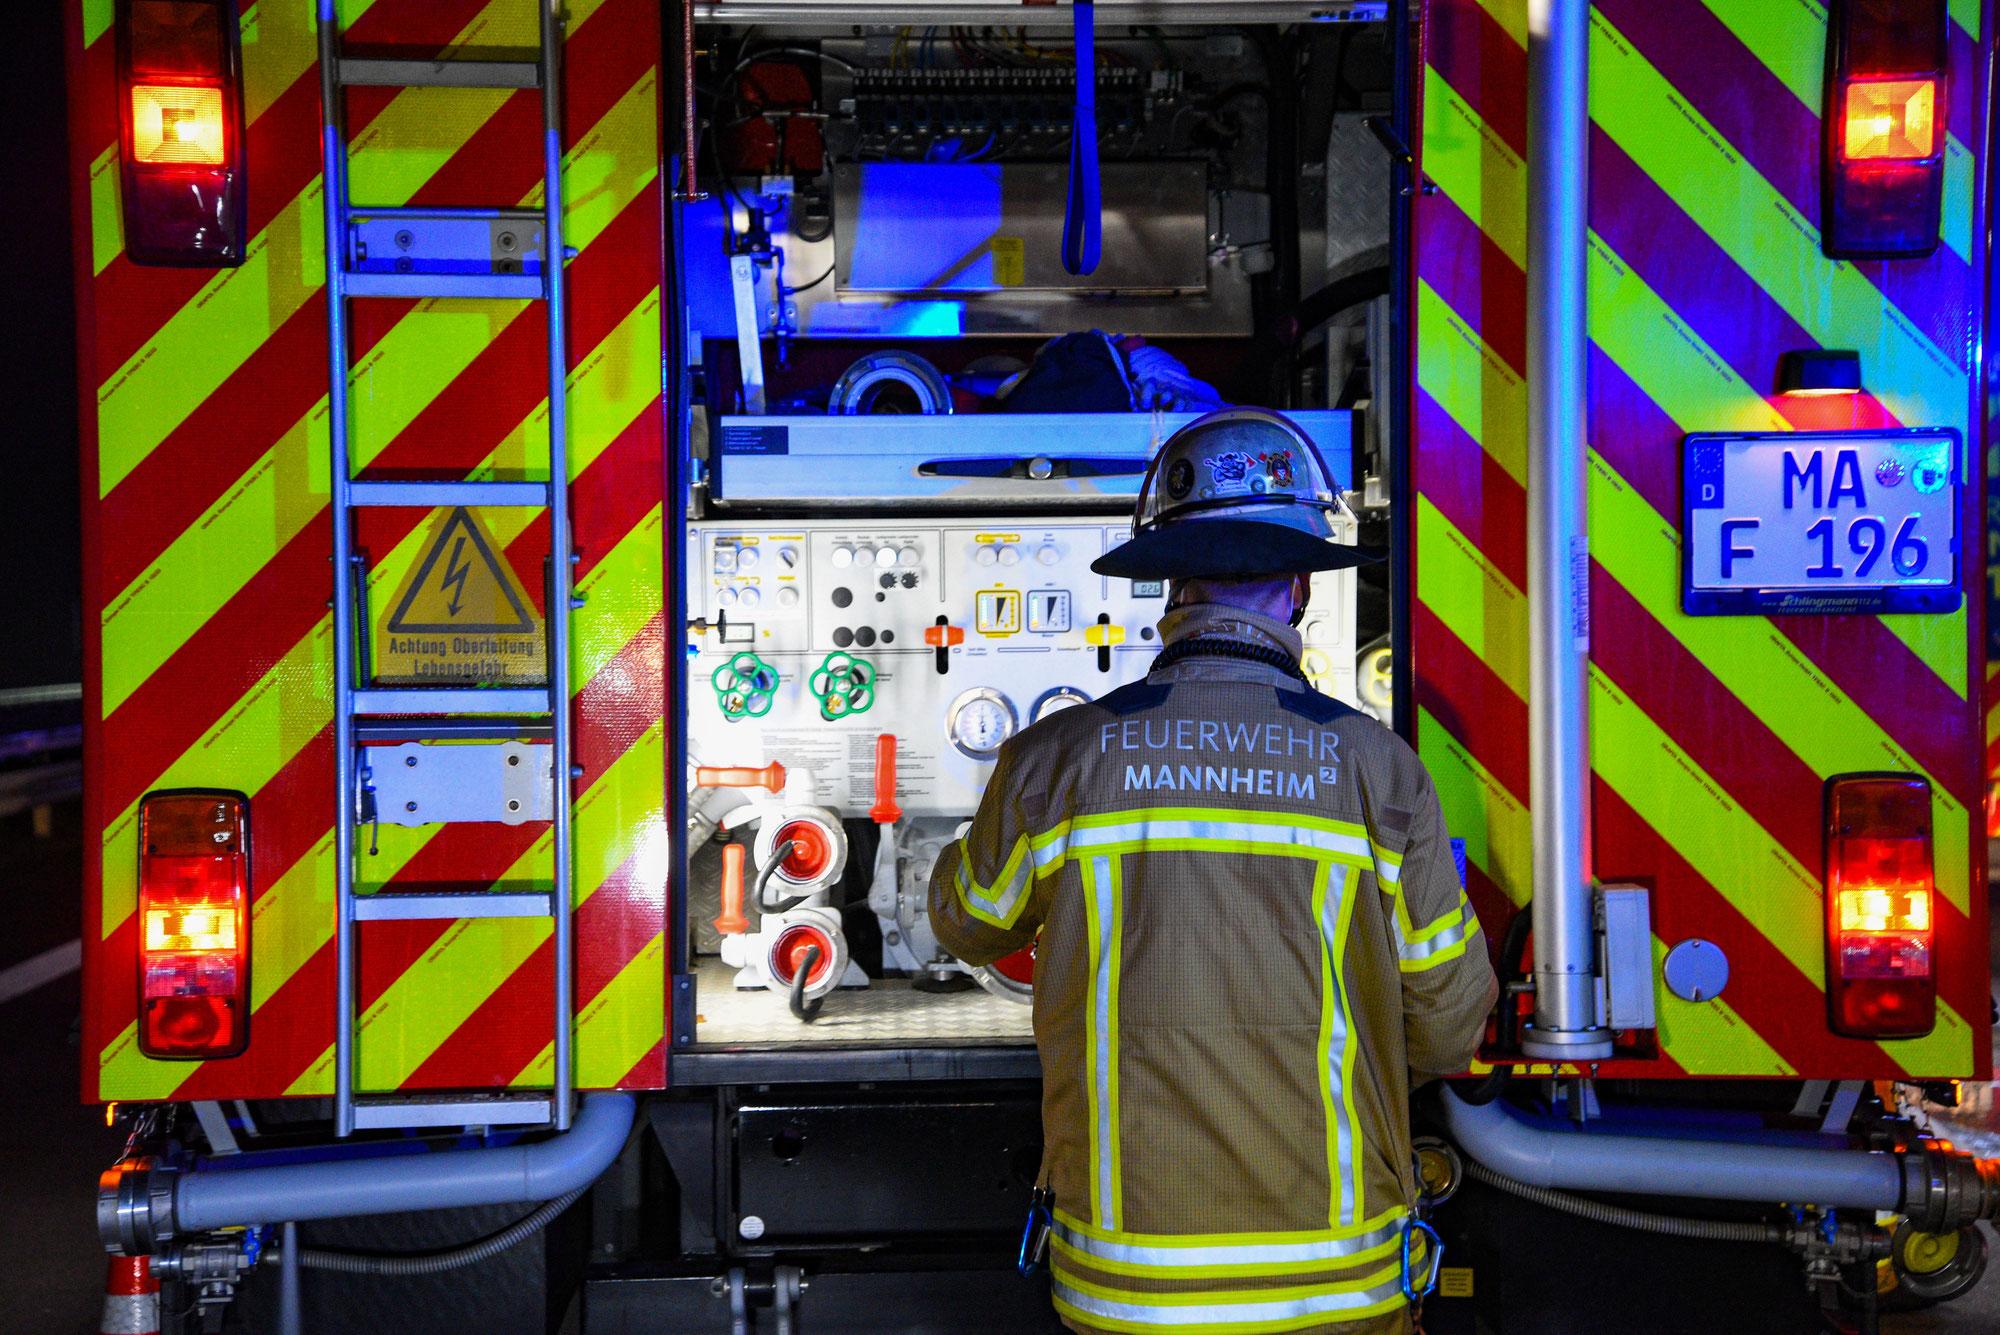 Mannheim: Auto ausgebrannt - zwei weitere Fahrzeuge in Mitleidenschaft gezogen